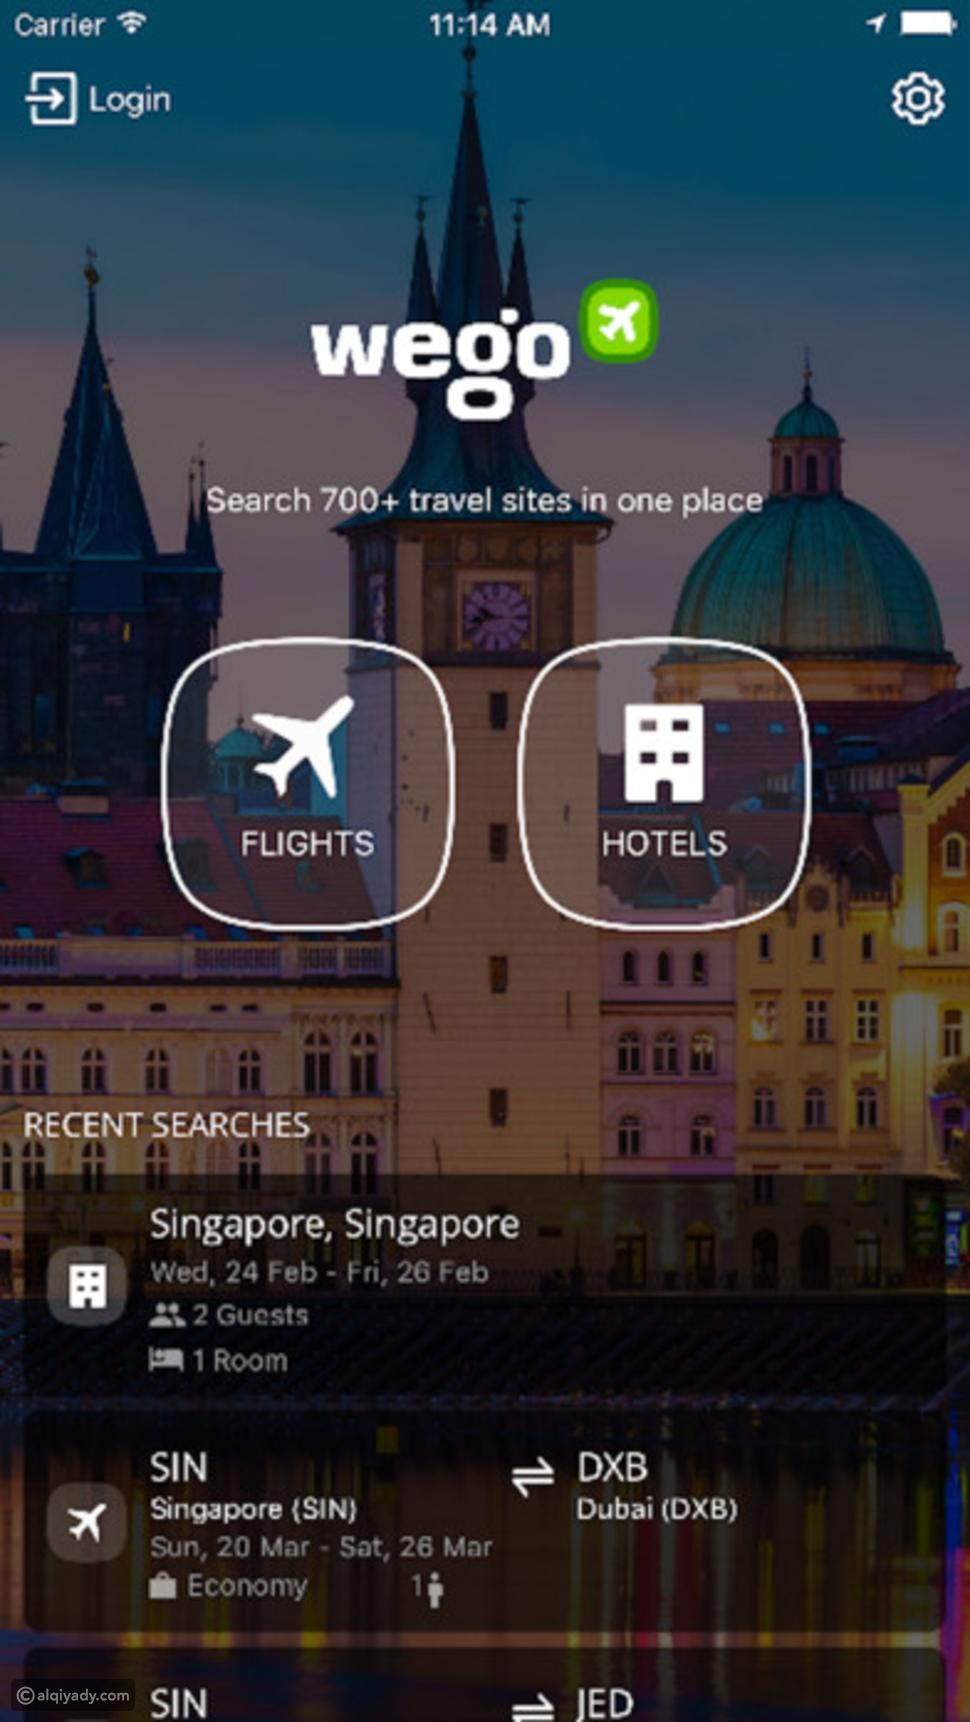 تطبيق Wego – دليلك للحصول على أفضل رحلة – للأيفون والأندرويد